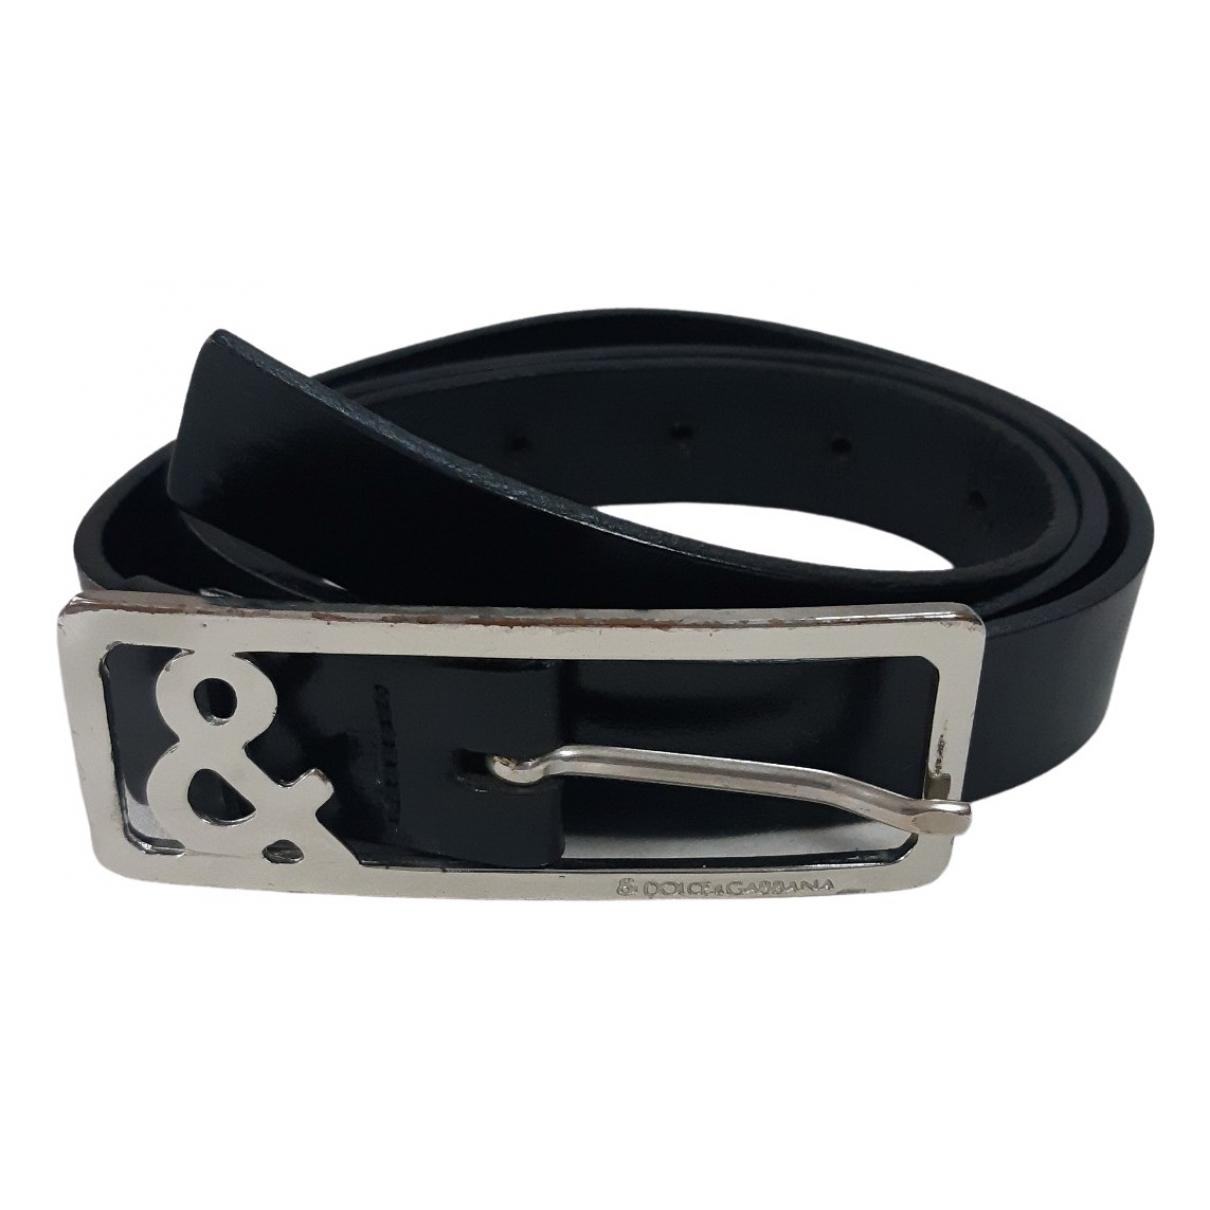 D&g \N Black Leather belt for Women 95 cm